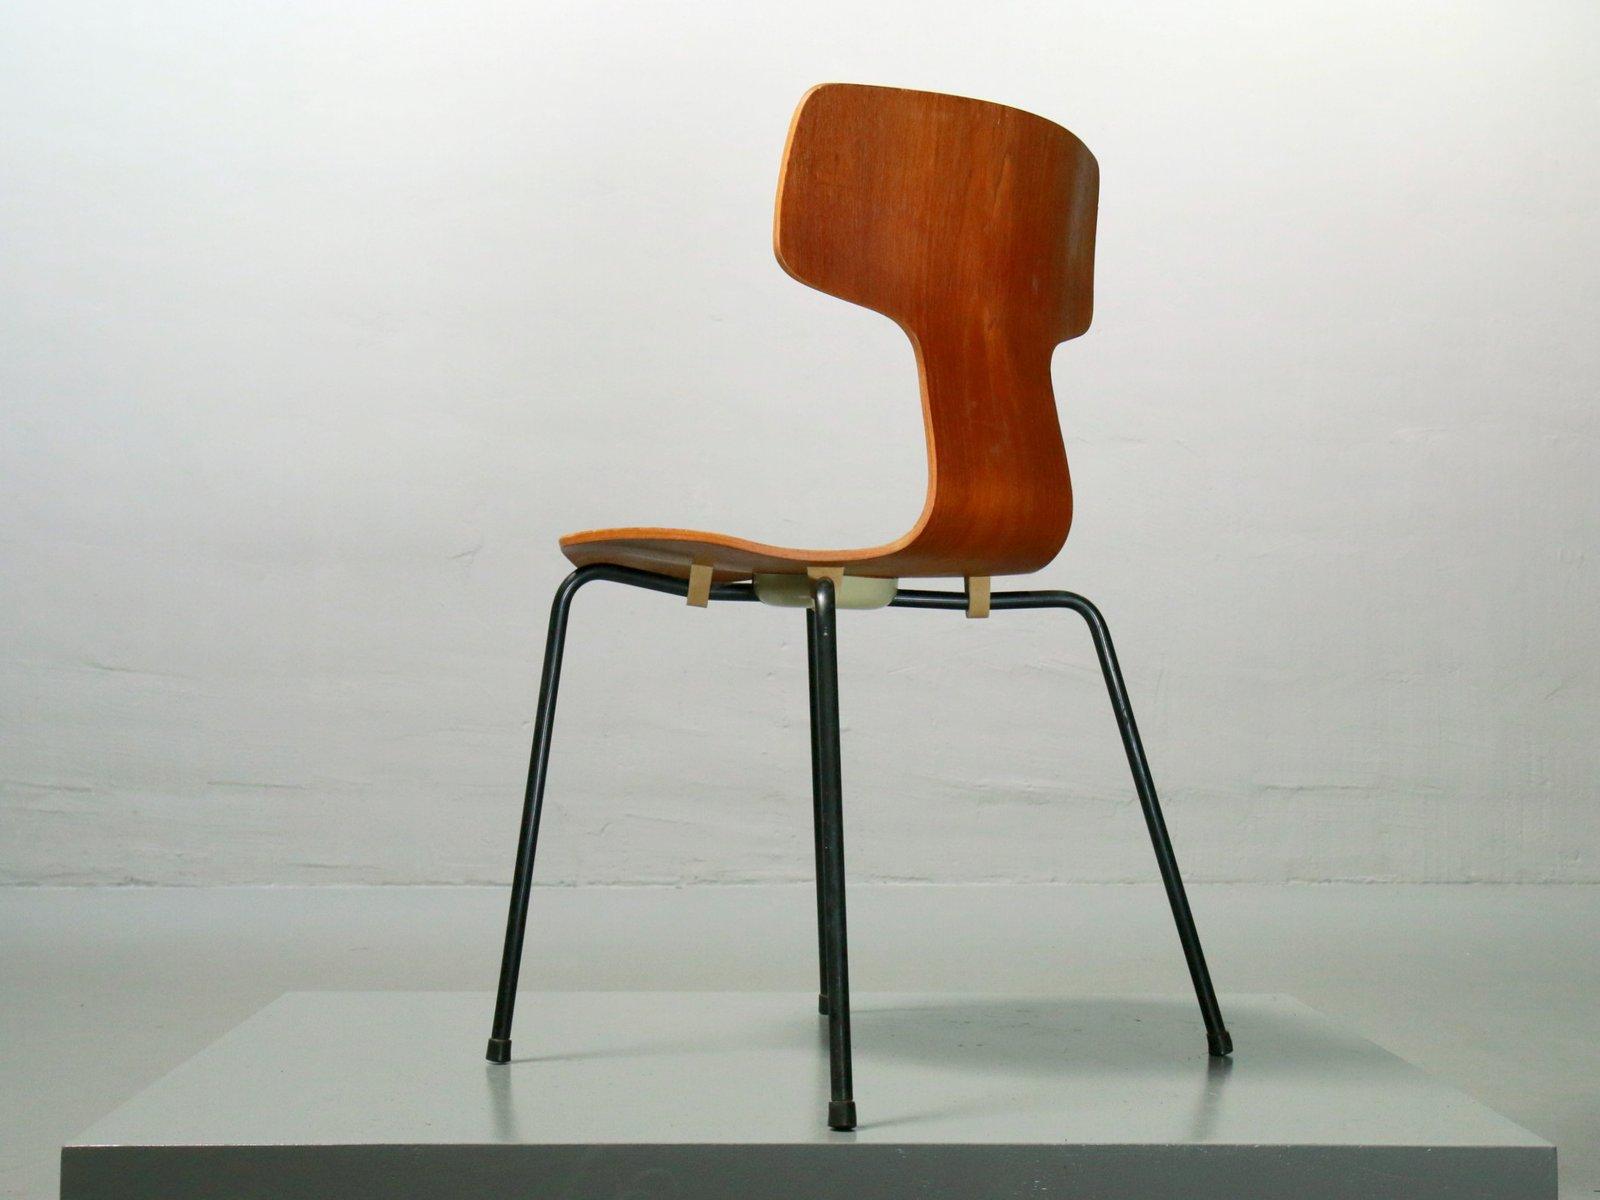 3103 Teak Chair by Arne Jacobsen for Fritz Hansen 1967 for sale